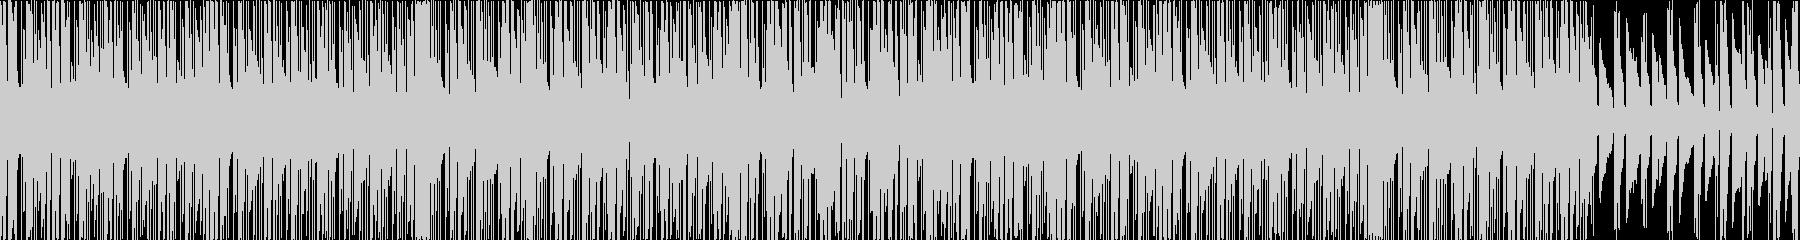 ポップなエレピ主体チュートリアル用BGMの未再生の波形